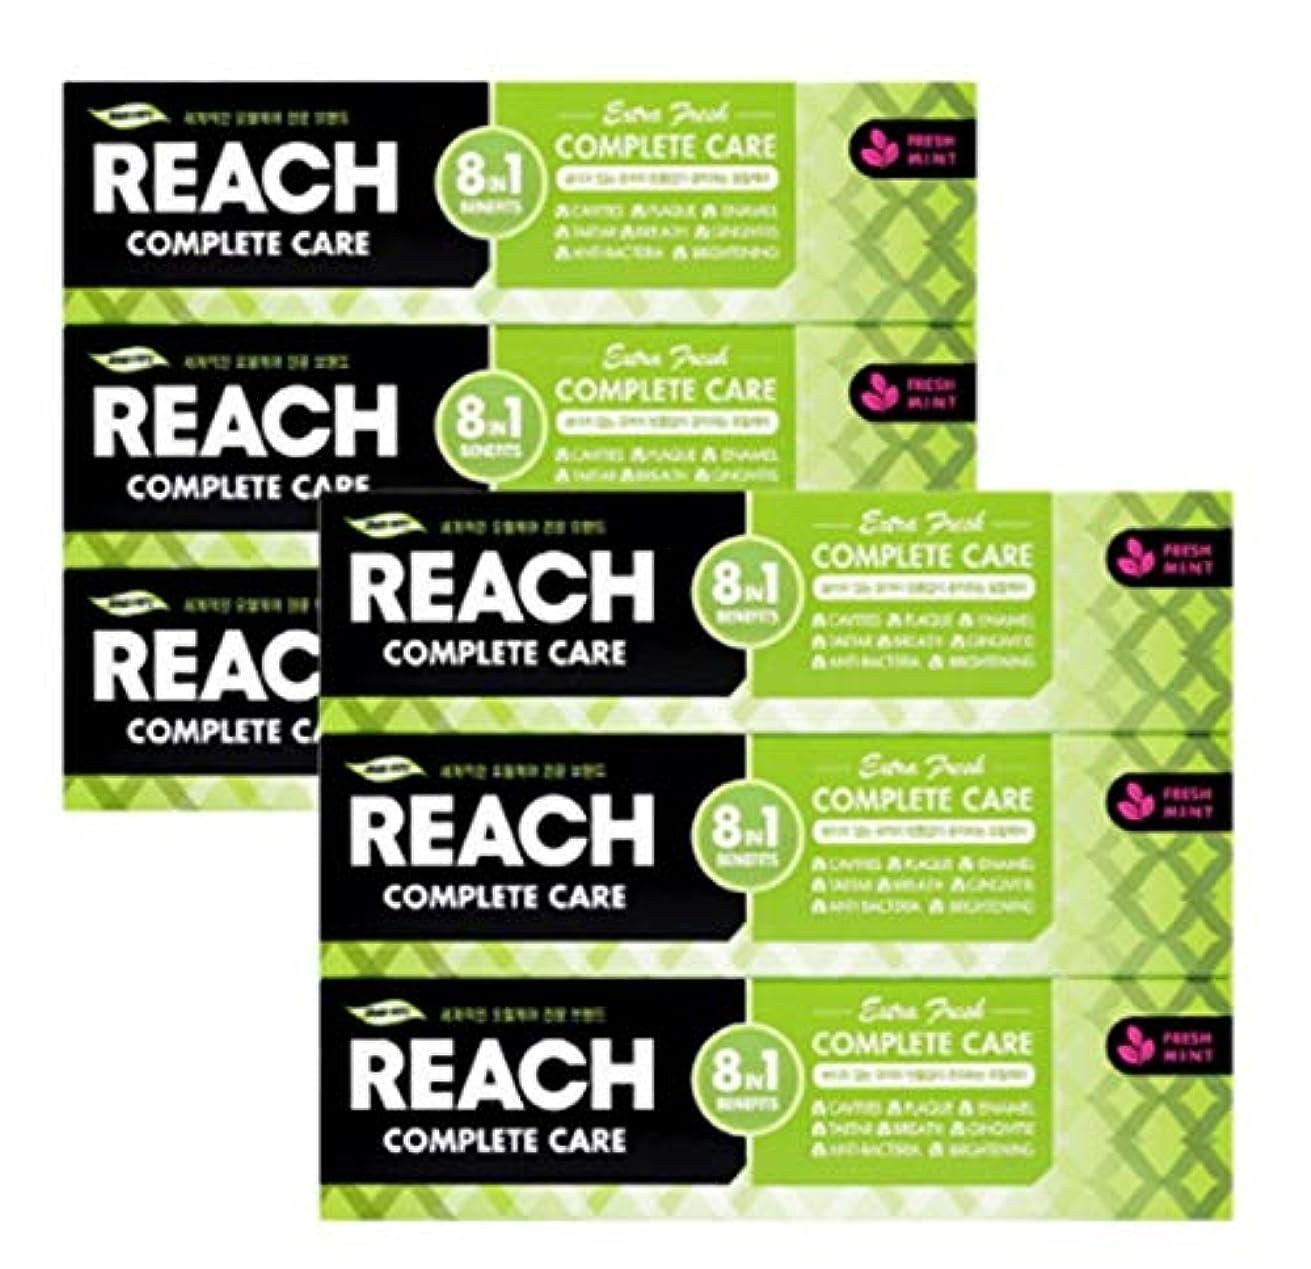 [LG生活と健康] LG Rich Complete Care Toothpaste Extra Freshリッチコンプリートケア歯磨き粉エクストラフレッシュ120gx6つの(海外直送品)